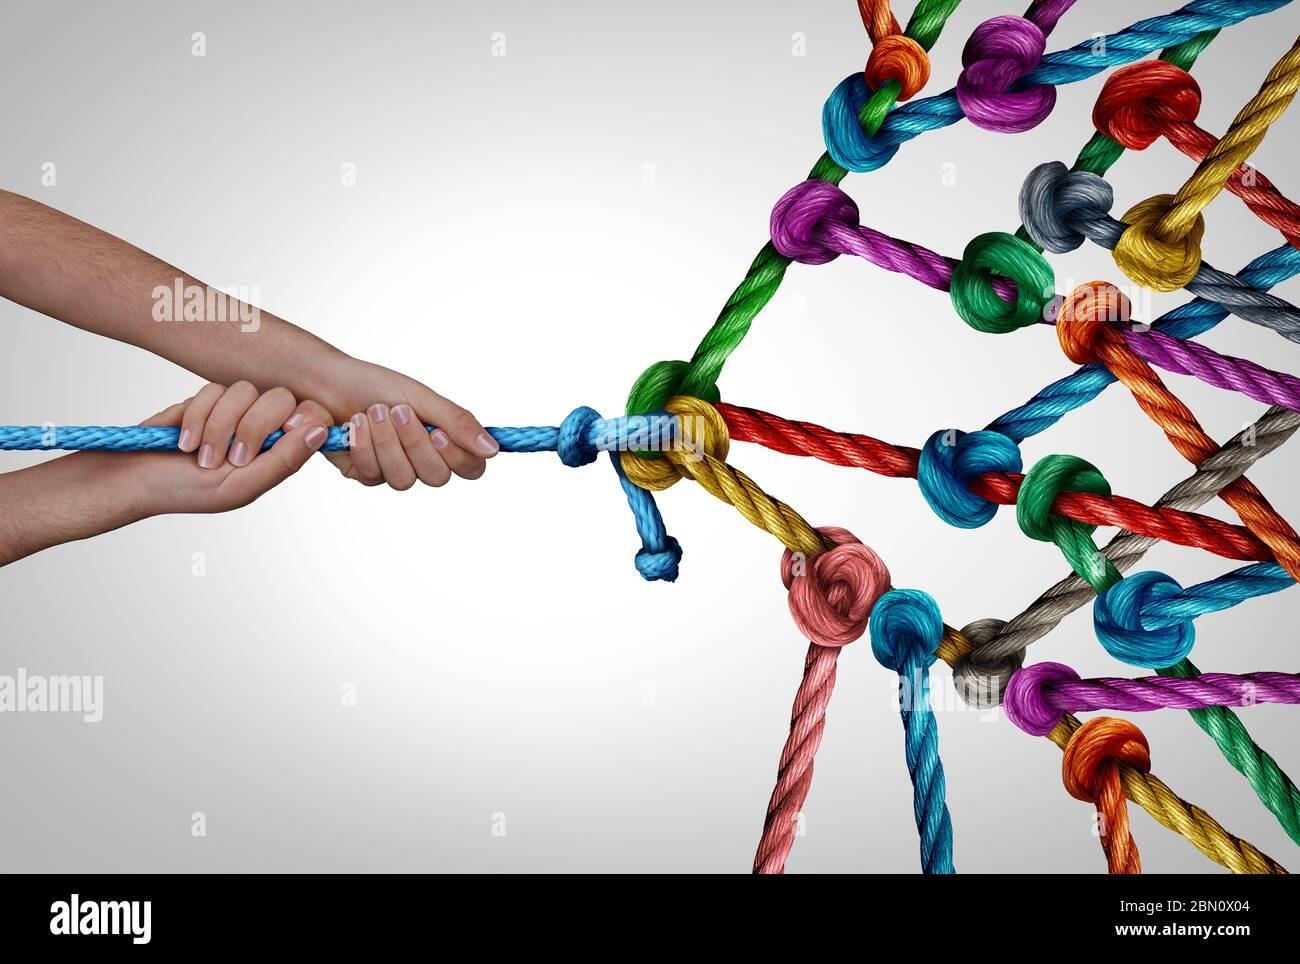 Gestion de réseau et directeur d'entreprise de groupe concept comme une personne tenant une corde unique tirant une grande bande de cordes connectées attachées ensemble. Banque D'Images